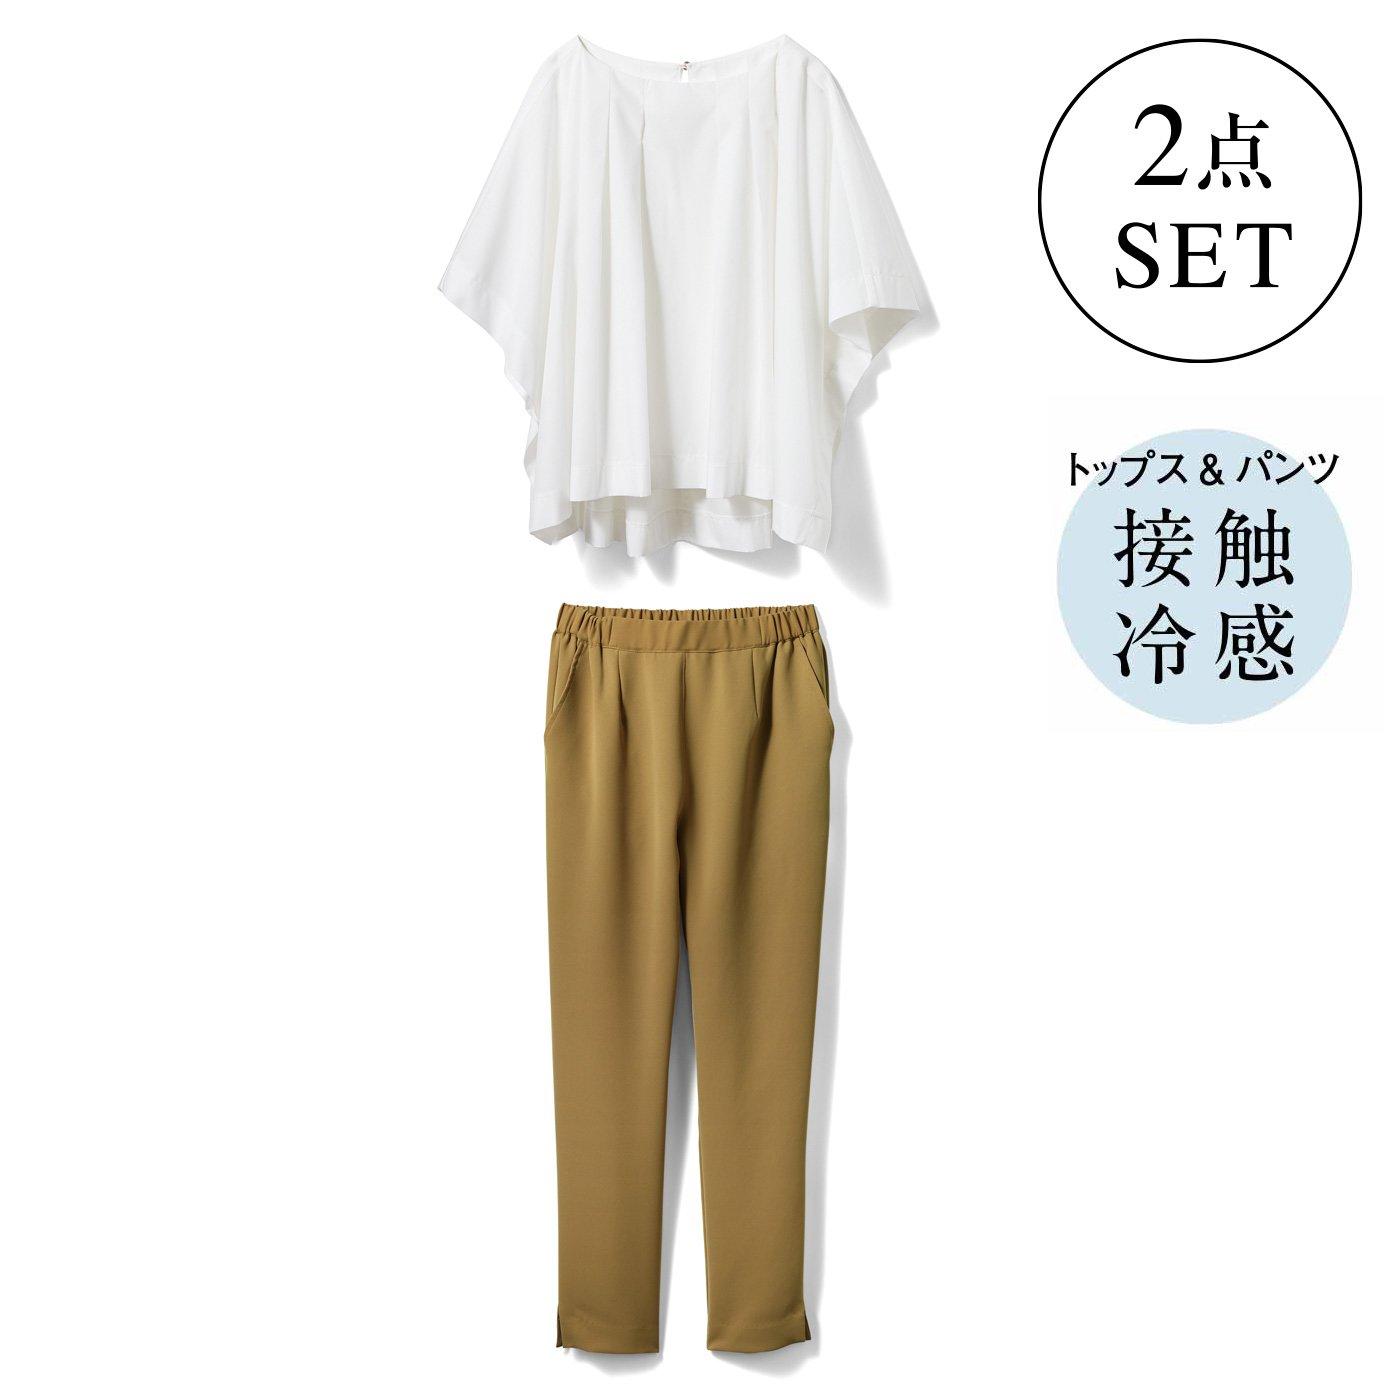 IEDIT[イディット]×牧野紗弥さん 女っぽさもカジュアルもかなえる パンツコーディネイトセット〈オフホワイト×ベージュ〉